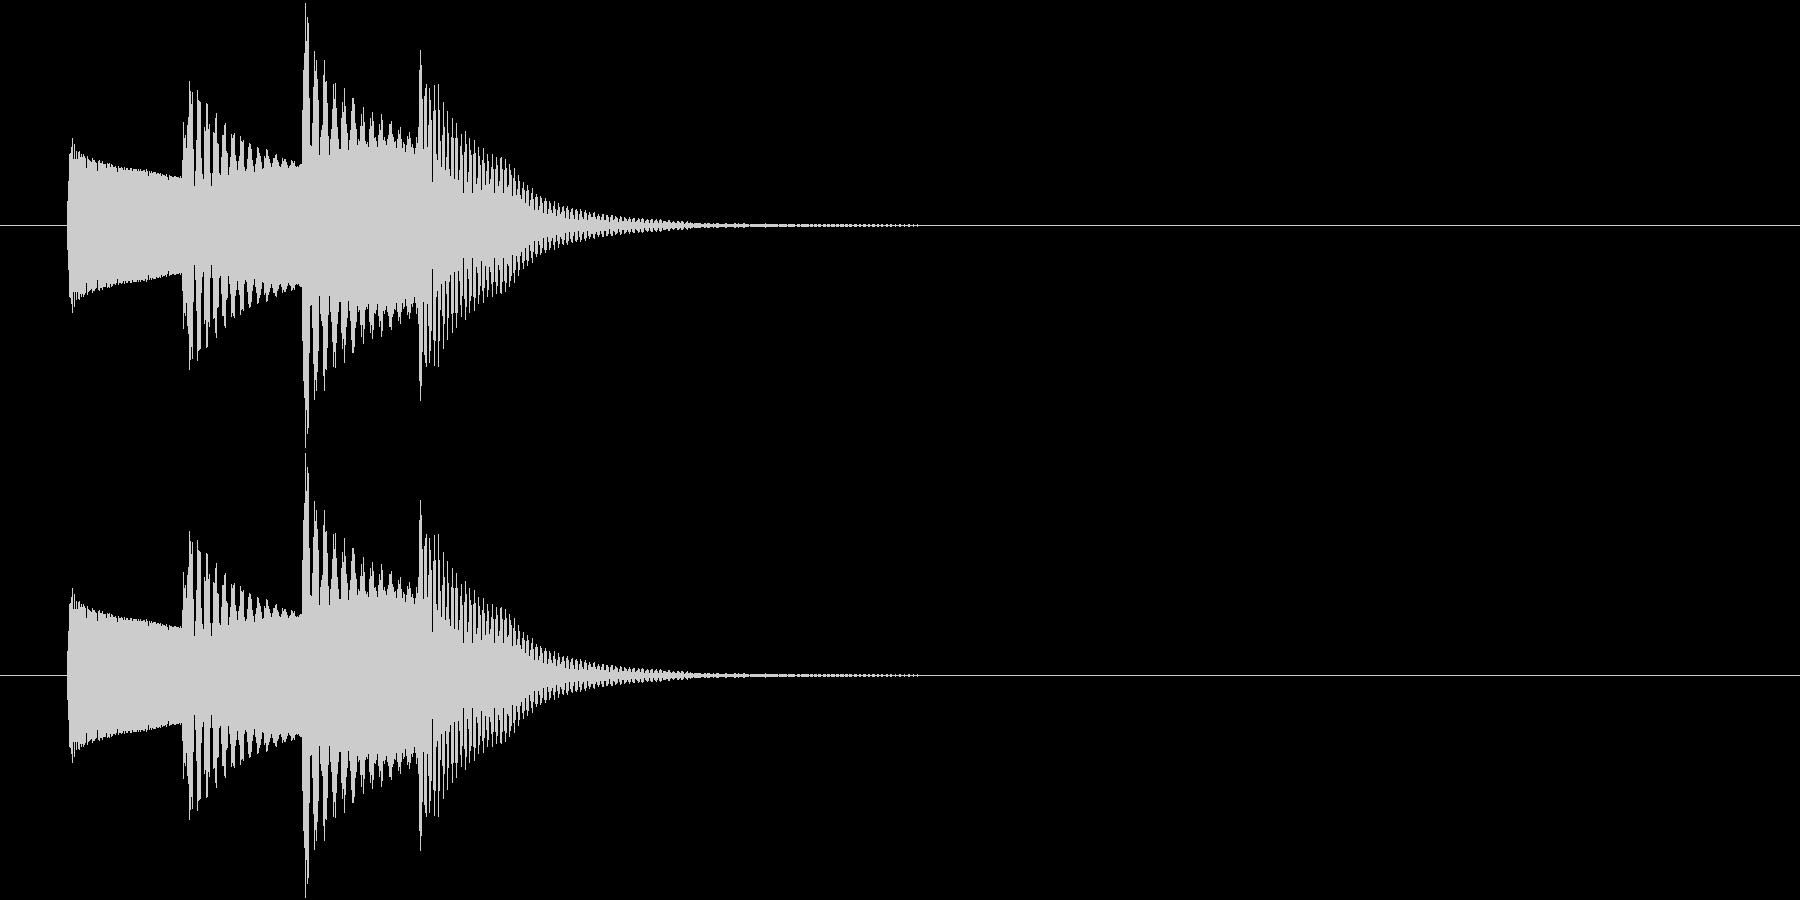 情報SE 一口メモ ワンポイントの未再生の波形